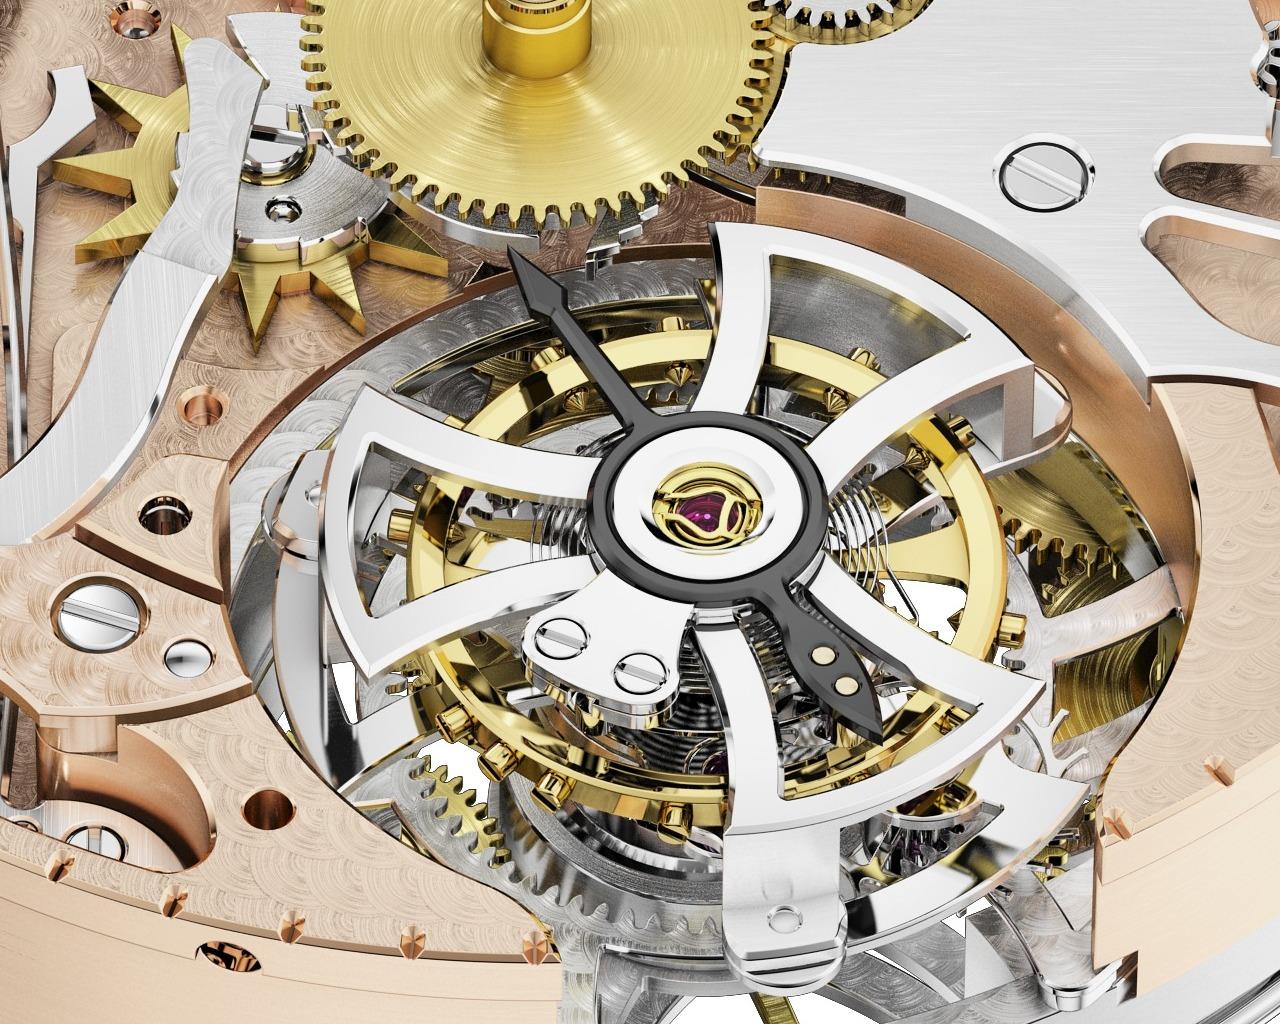 roger-dubuis-hommage-ripetizione-minuti-tourbillon-automatico-limited-edition-0-100_8